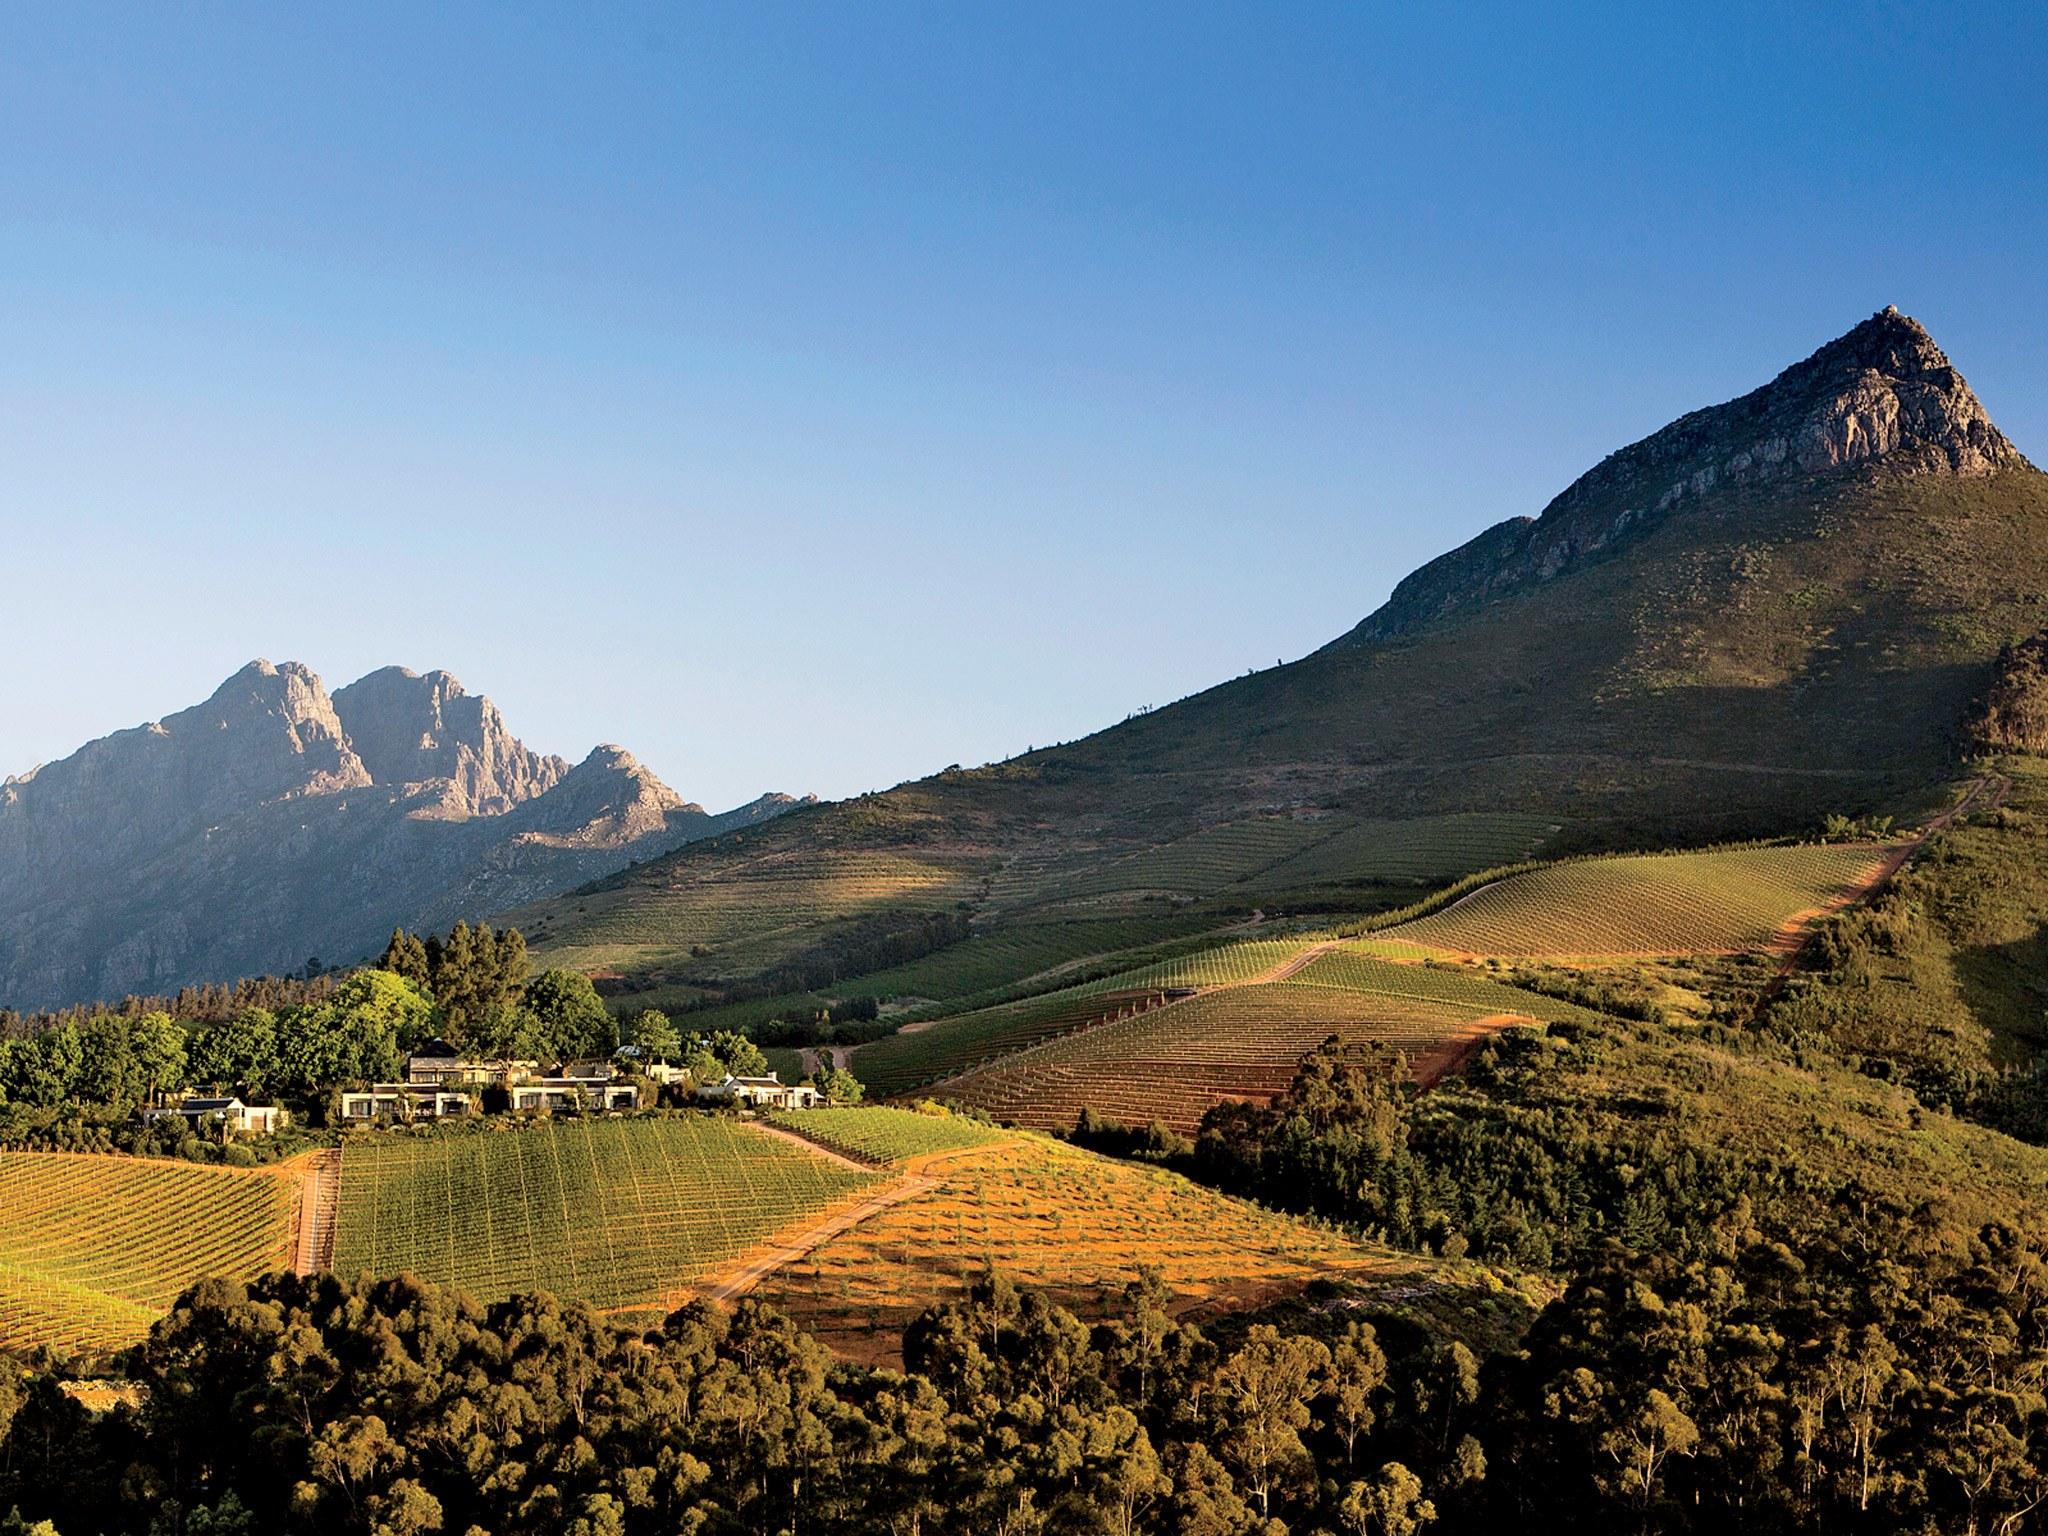 Stellenbosch borvidék - Nem hagyhatjuk ki a borokat sem, szerencsére az egyik legszebb borvidék alig egy órányi autózásra lesz tőlünk. Stellenbosch az ország bortermelésének és kutatásának a központja, egyben pedig az egyik legrégebbi városa is.